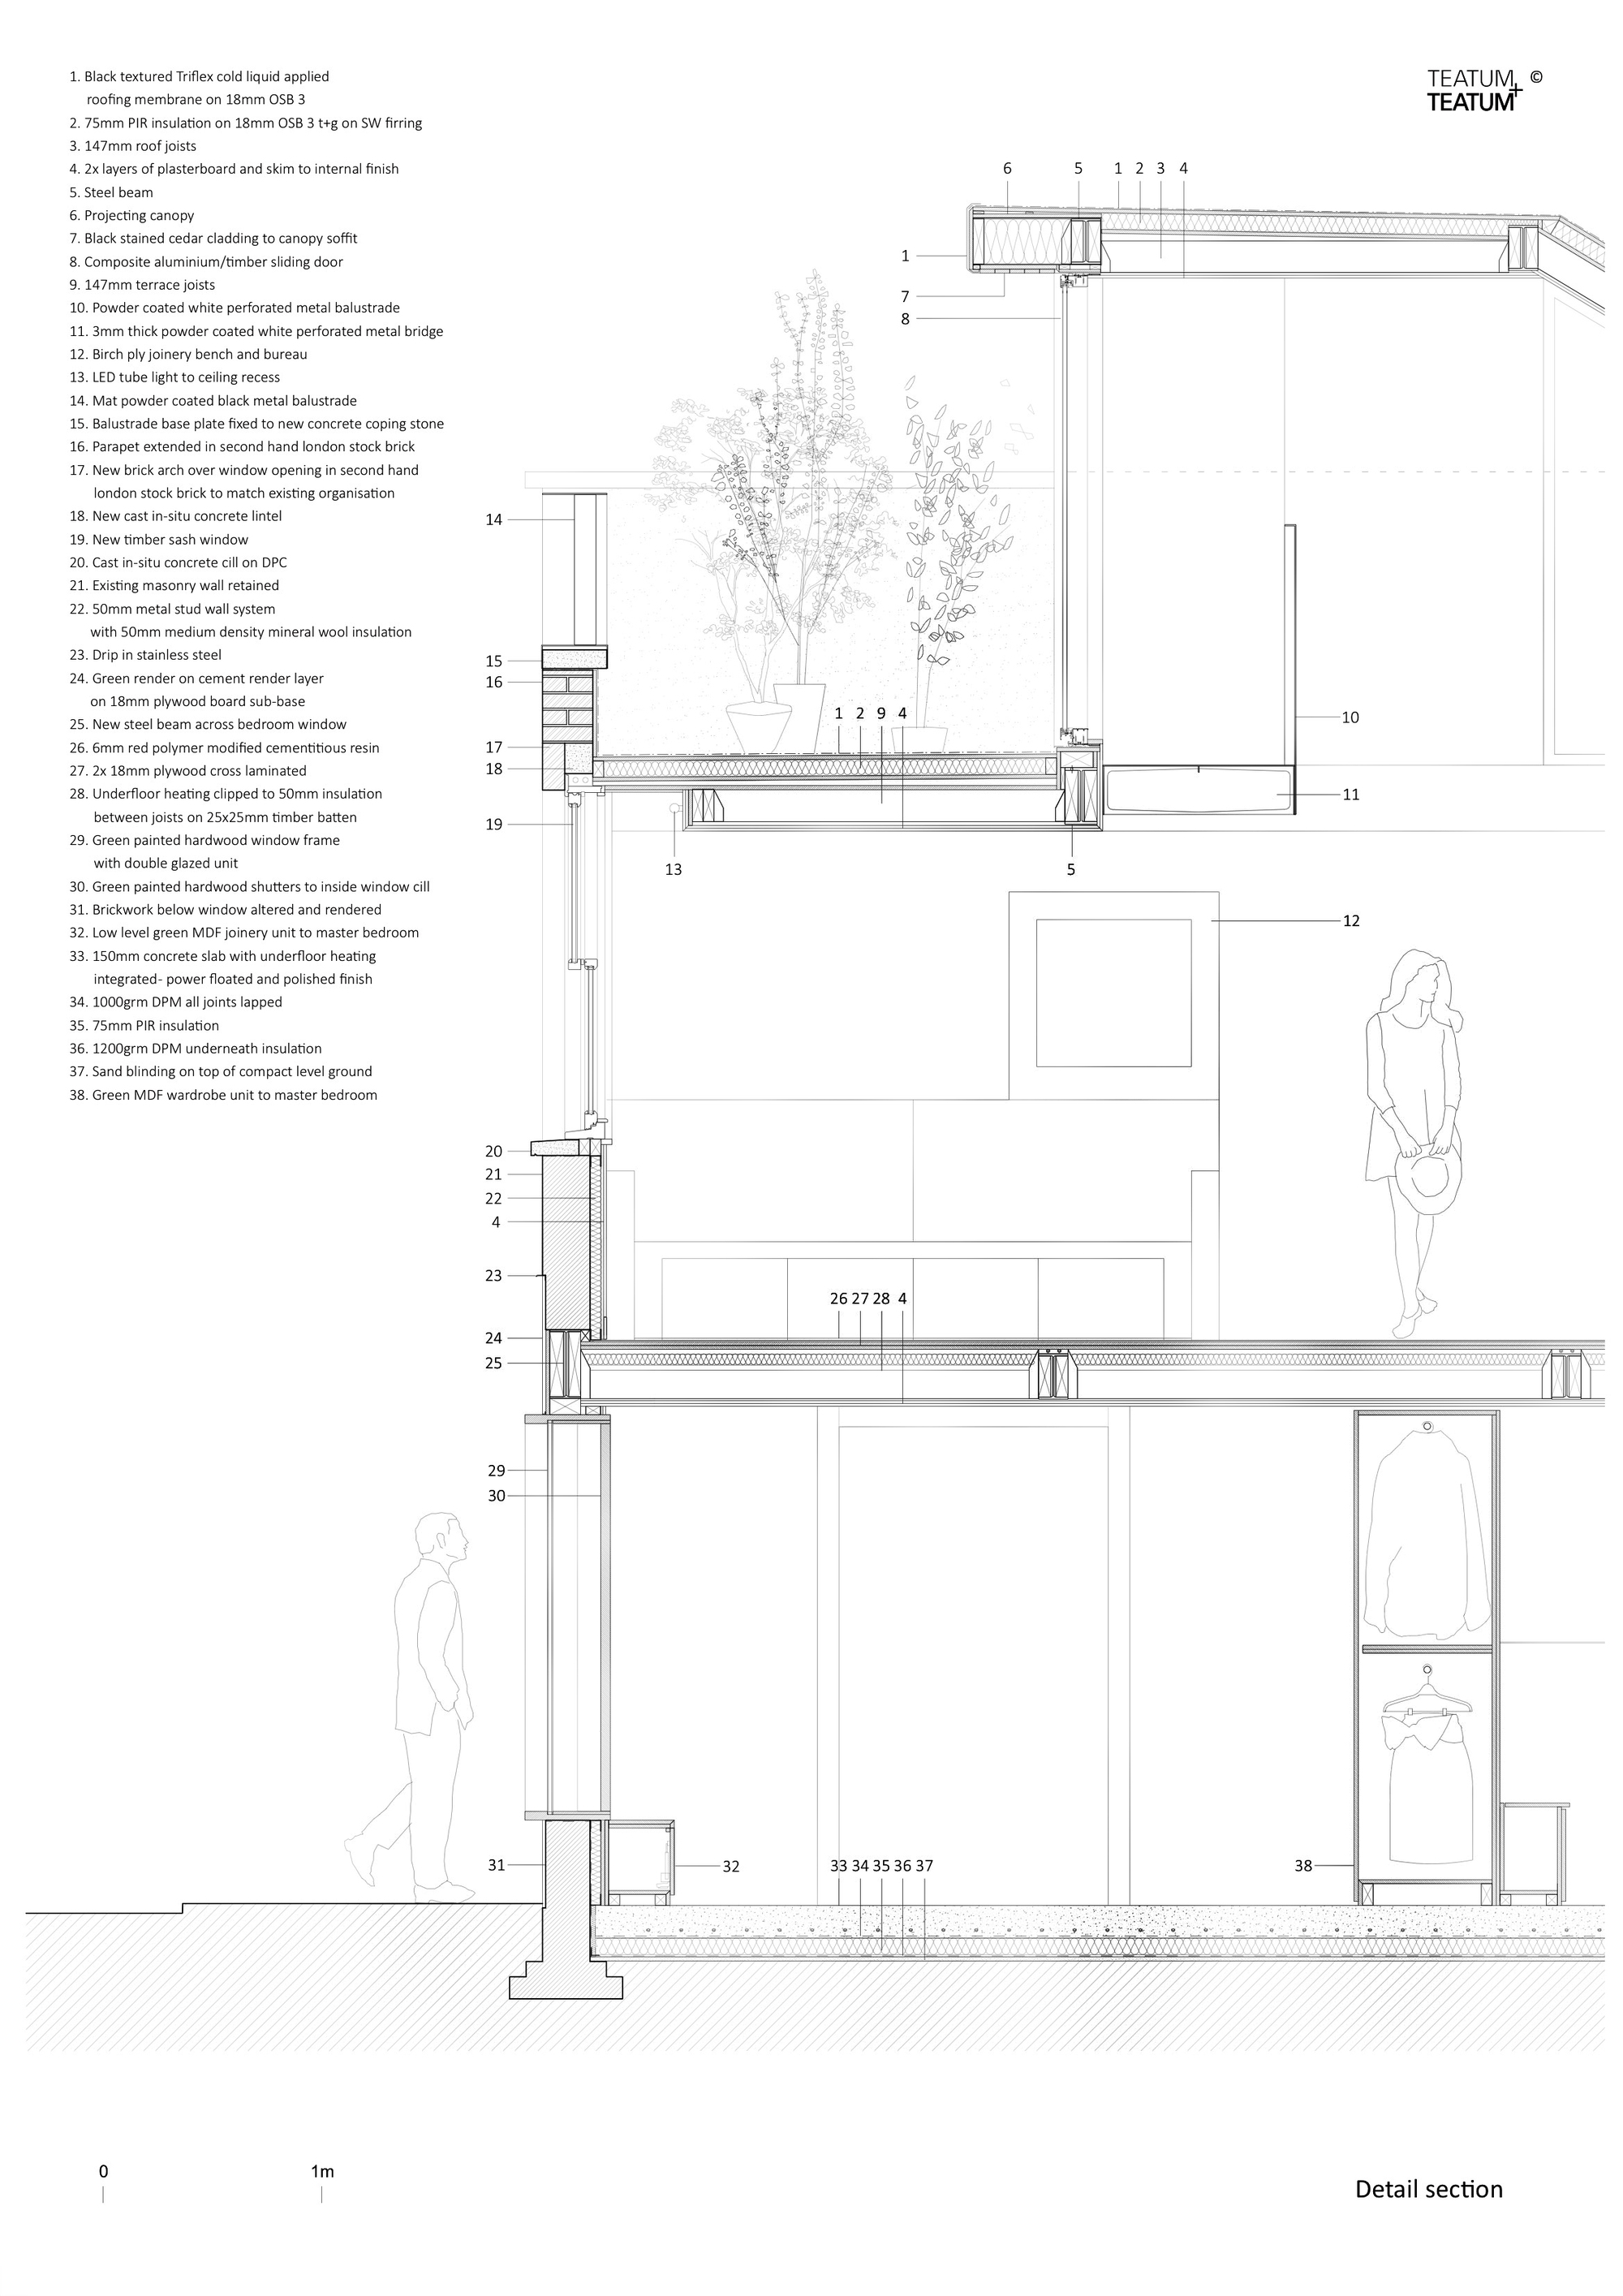 Gallery of Garden House / Teatum + Teatum Architects - 35